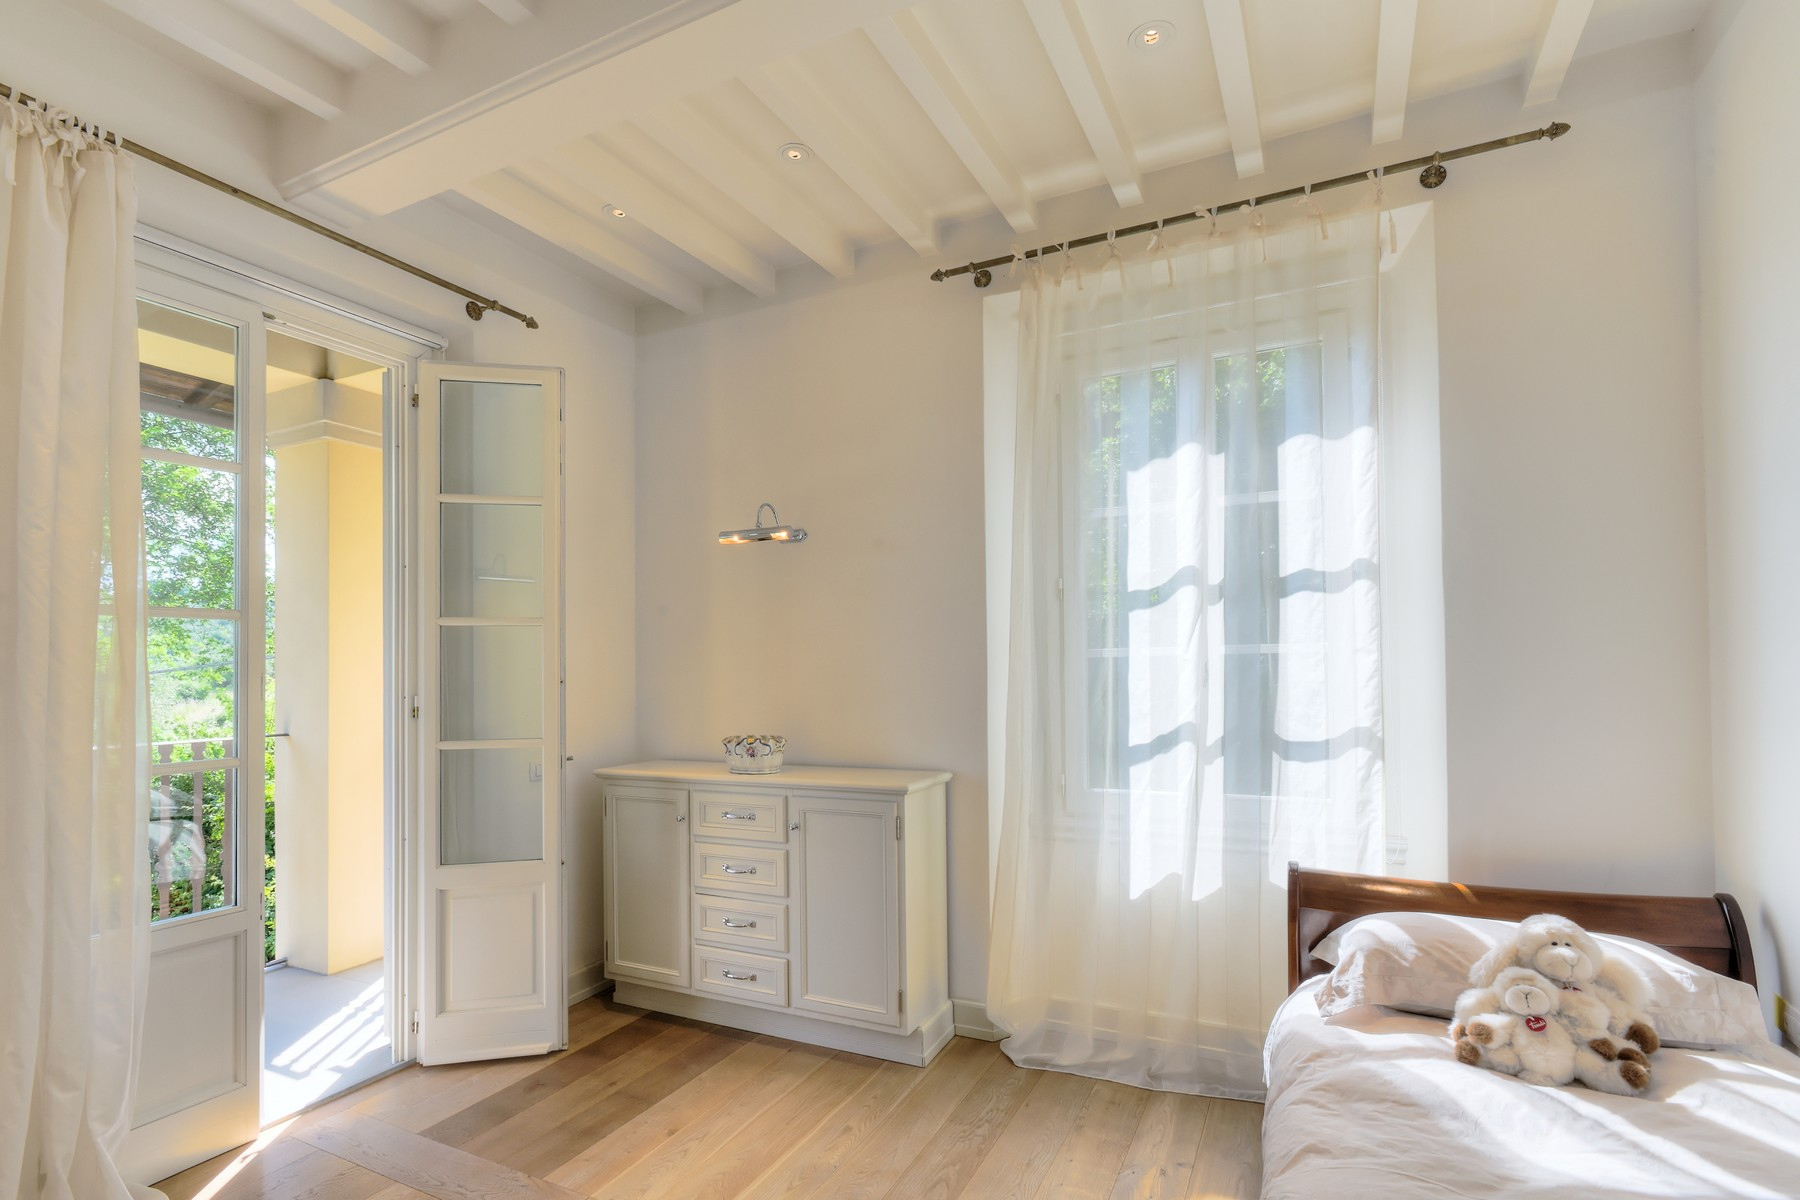 Villa in Vendita a Firenze: 5 locali, 360 mq - Foto 13